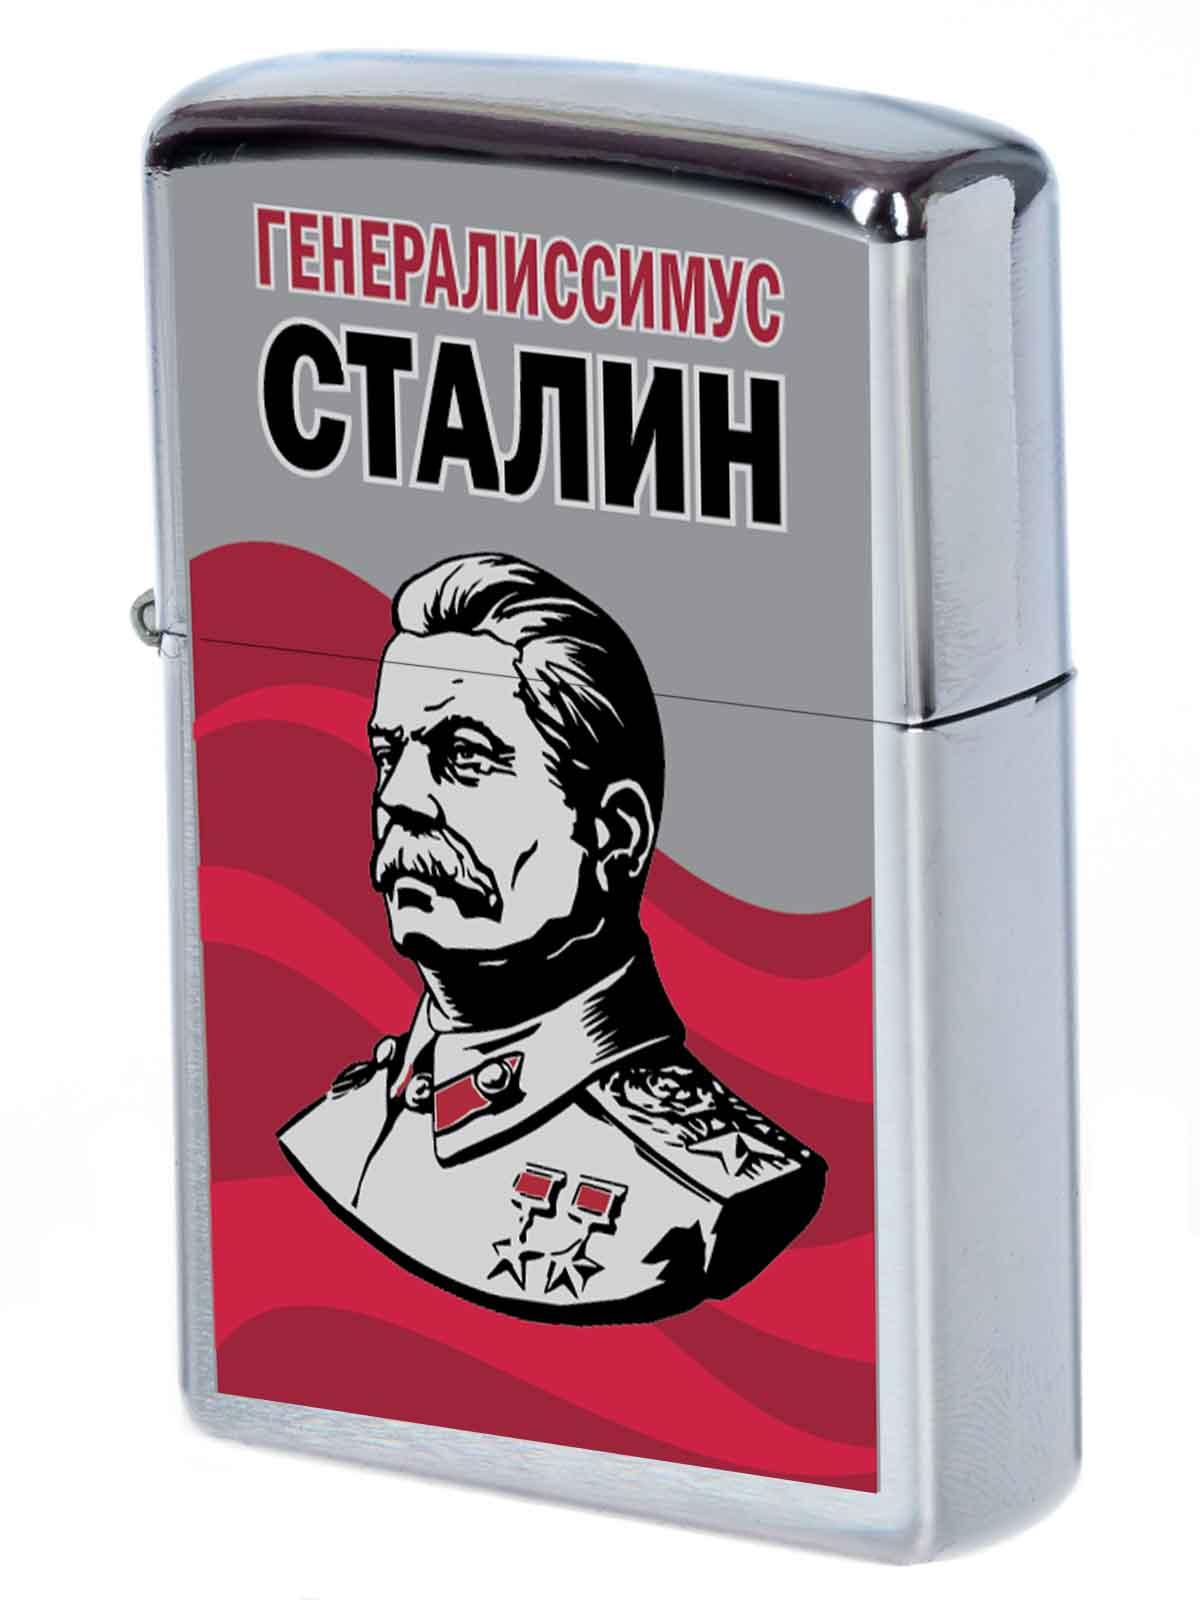 Зажигалка бензиновая Генералиссимус Сталин